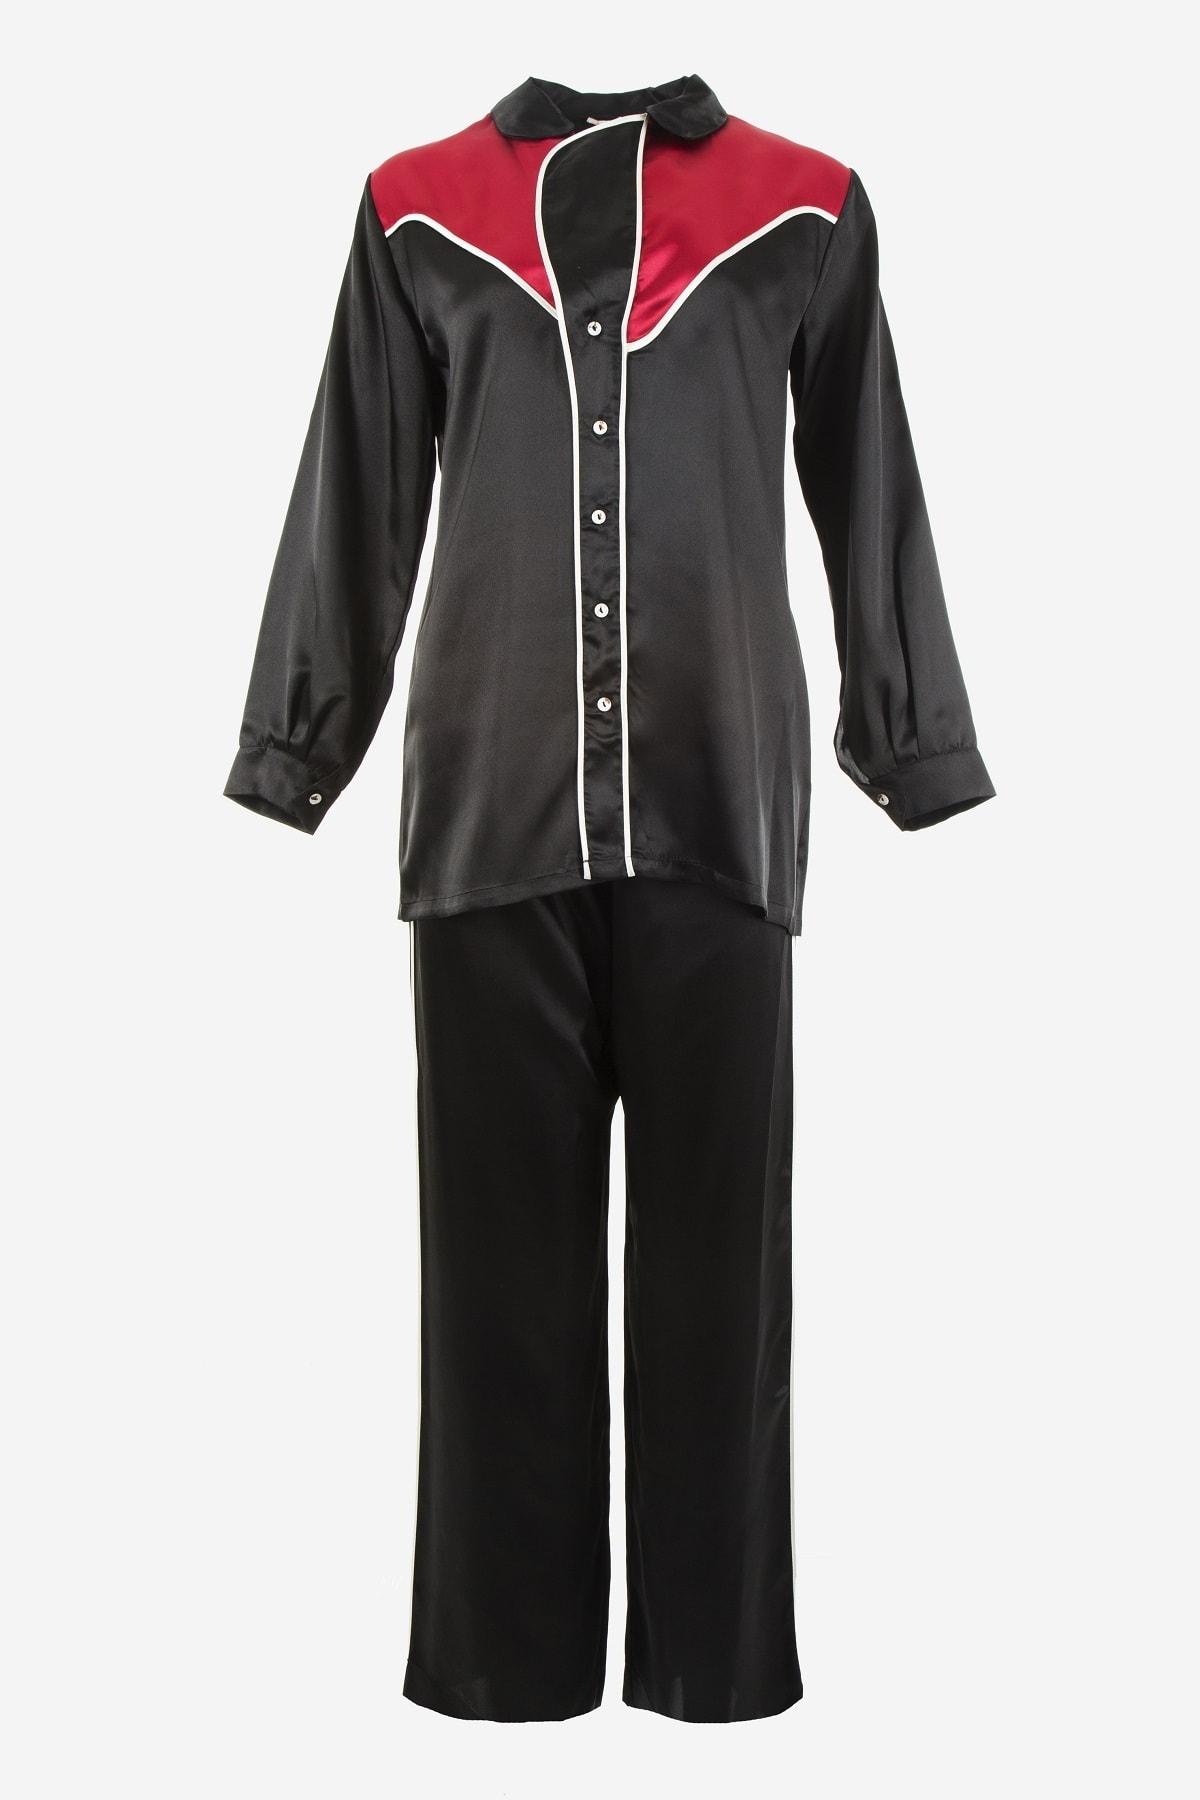 Karmen Özel Tasarım Saten Pijama Takımı 1